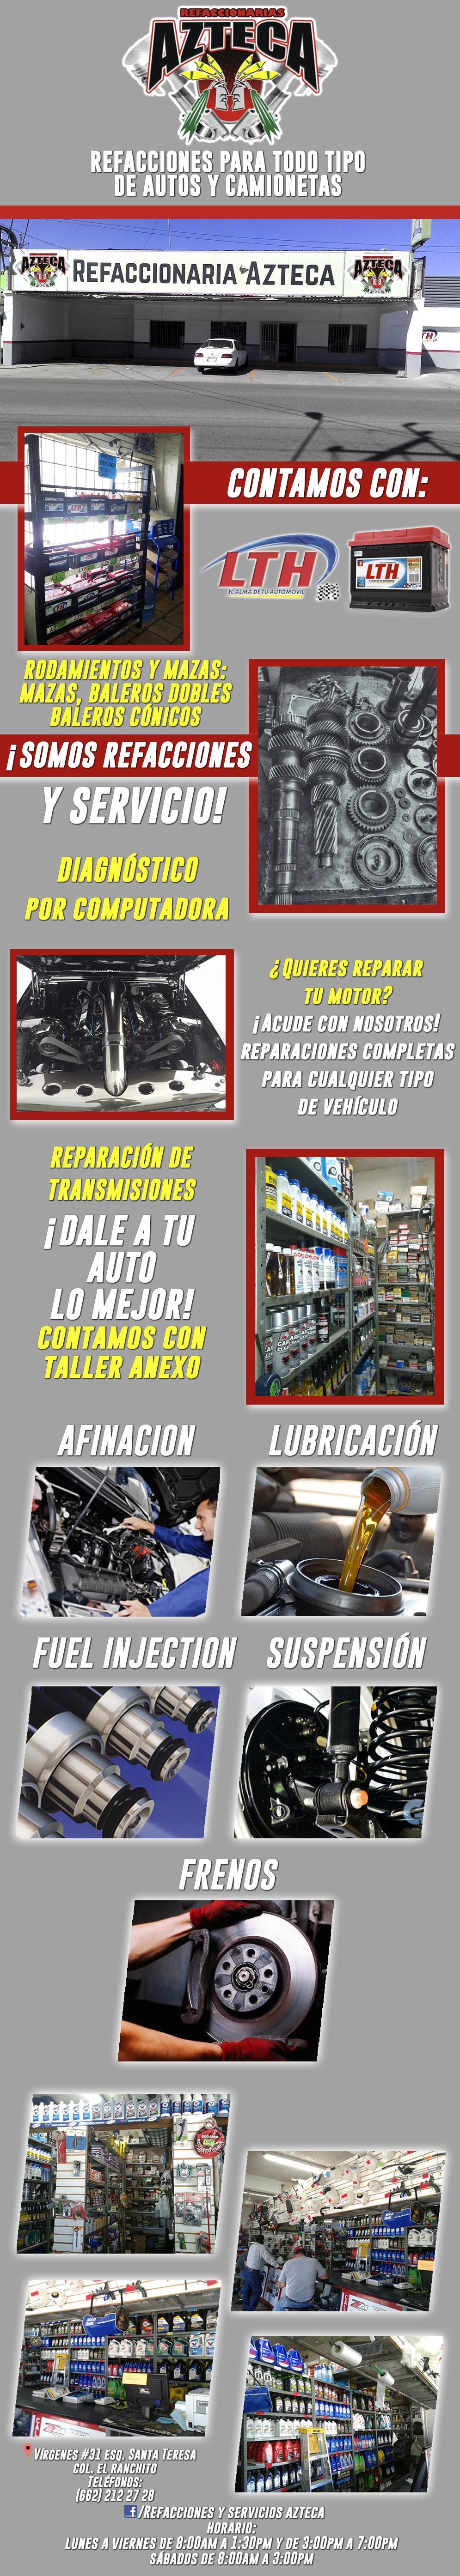 refaccionaria azteca ranchito en hermosillo anunciado por